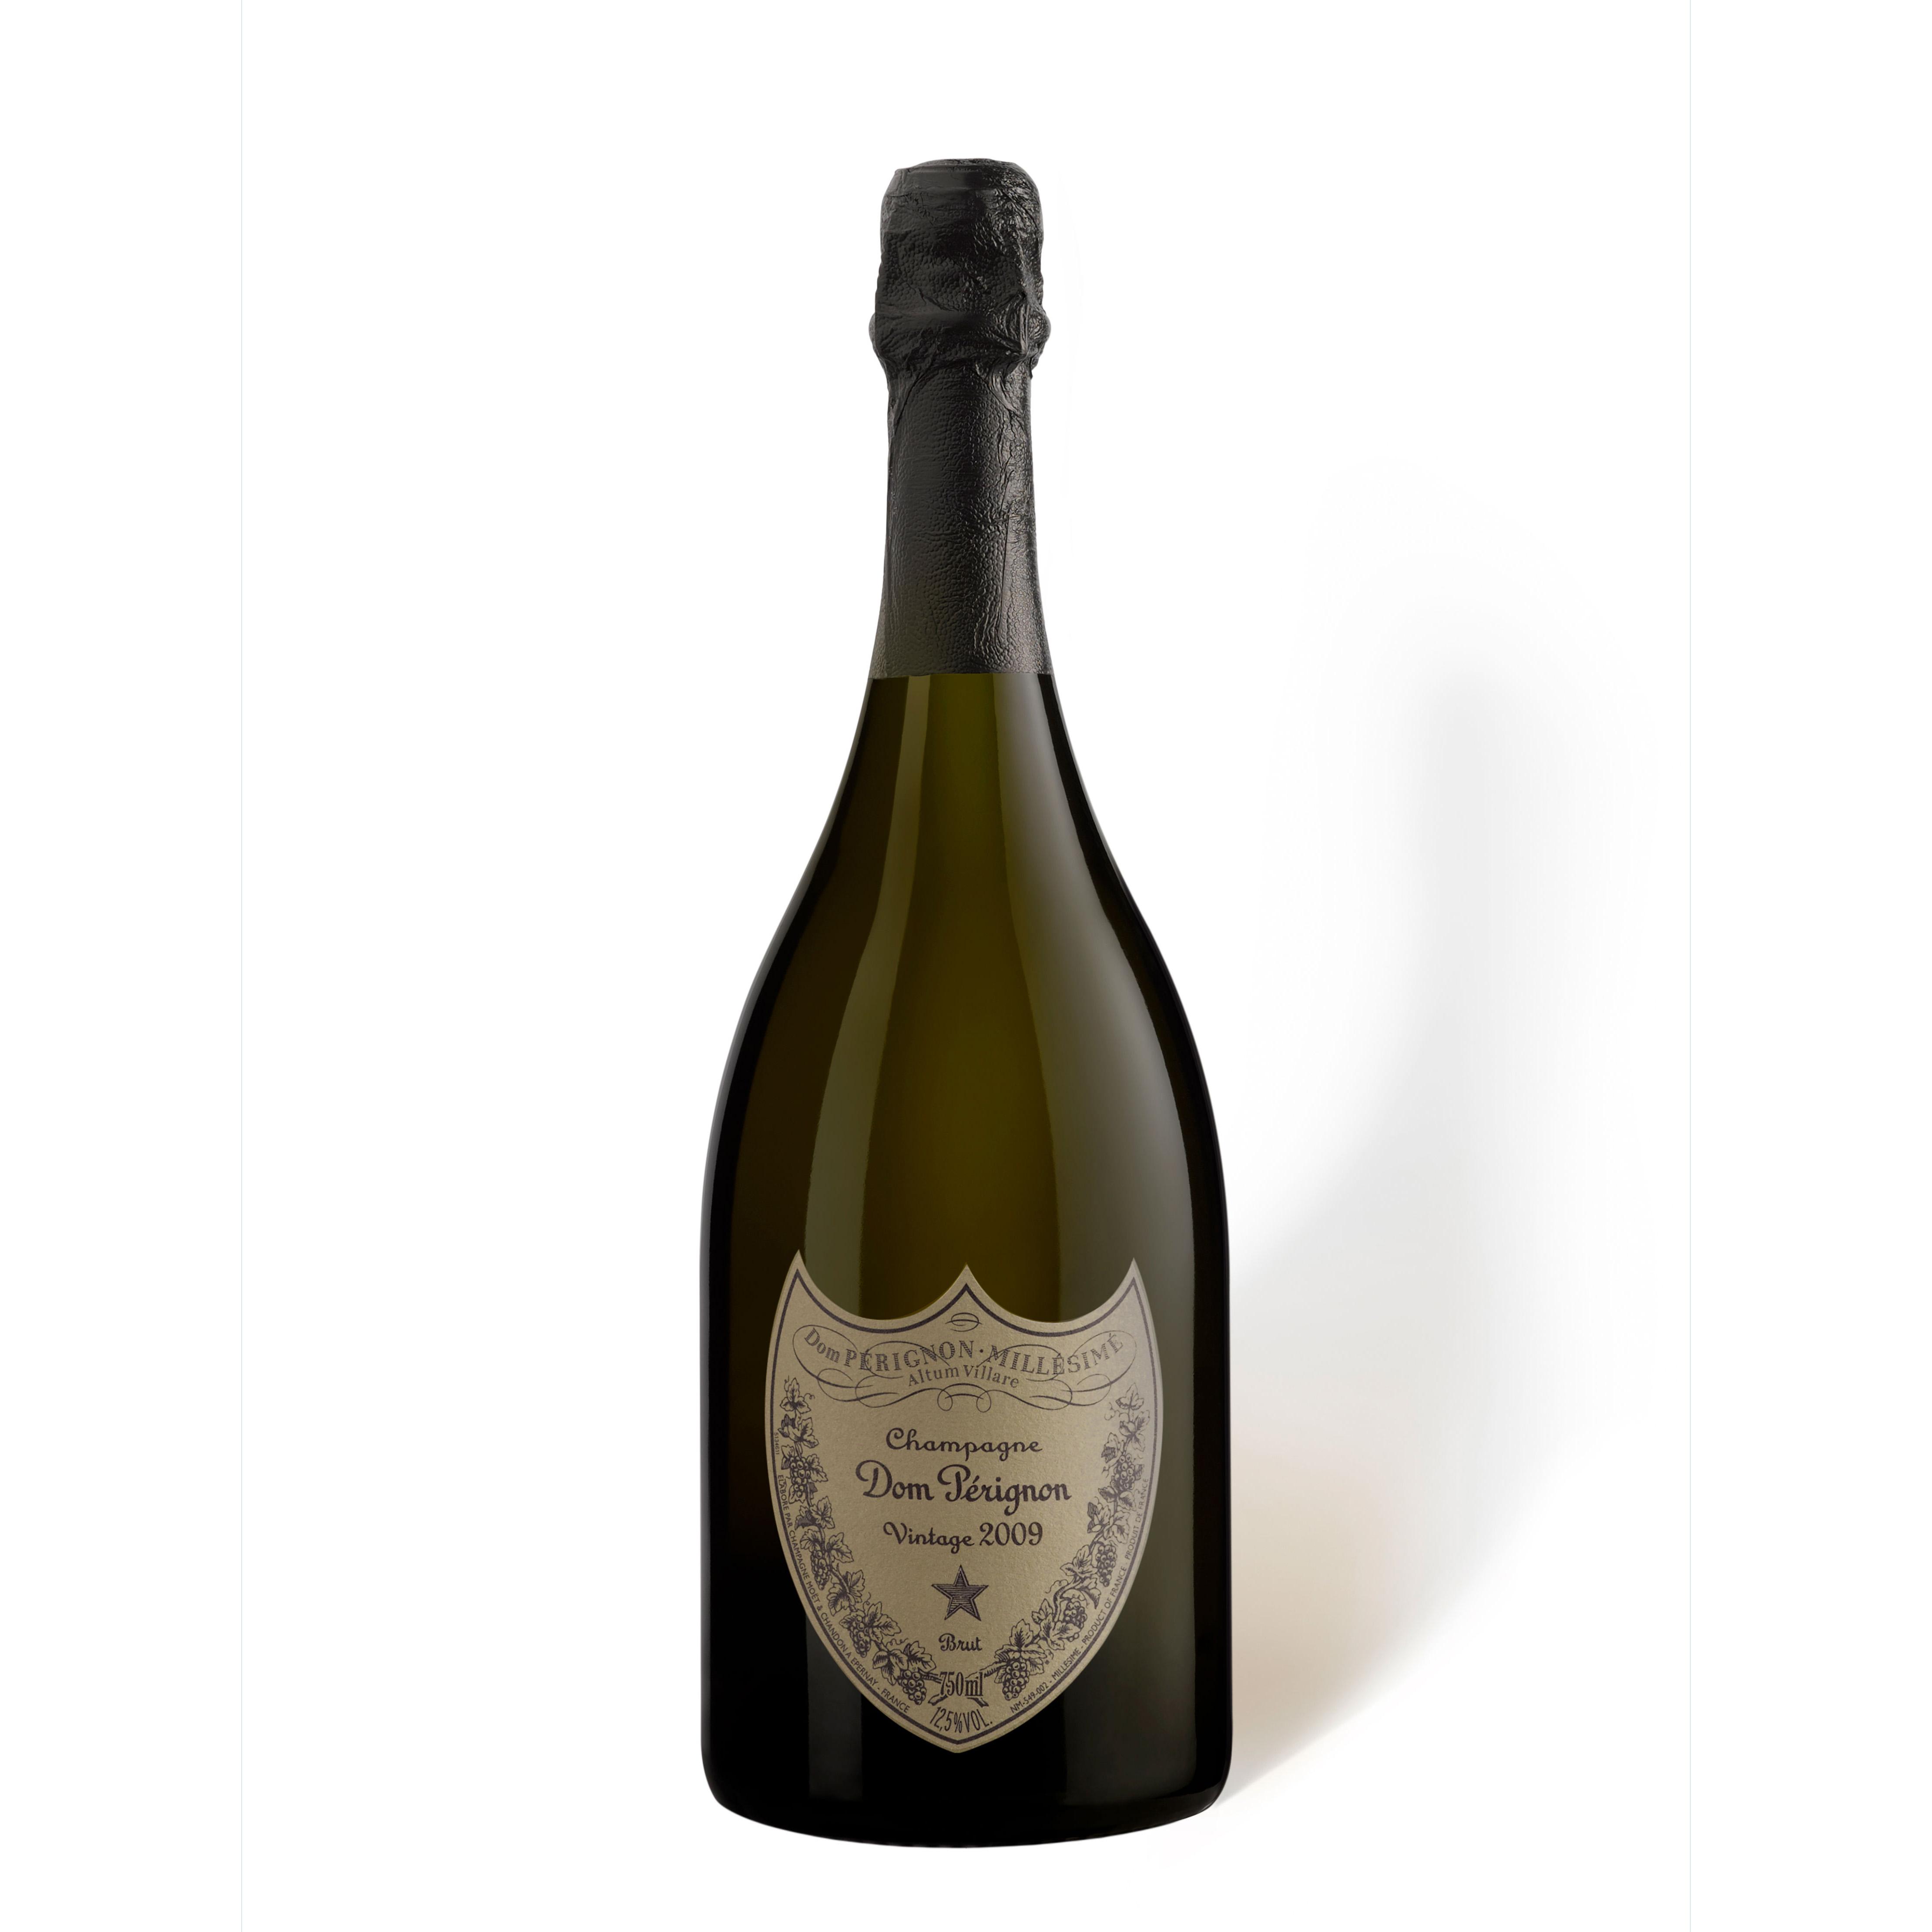 Send Dom Perignon Cuvee Prestige 2008 Champagne Gift